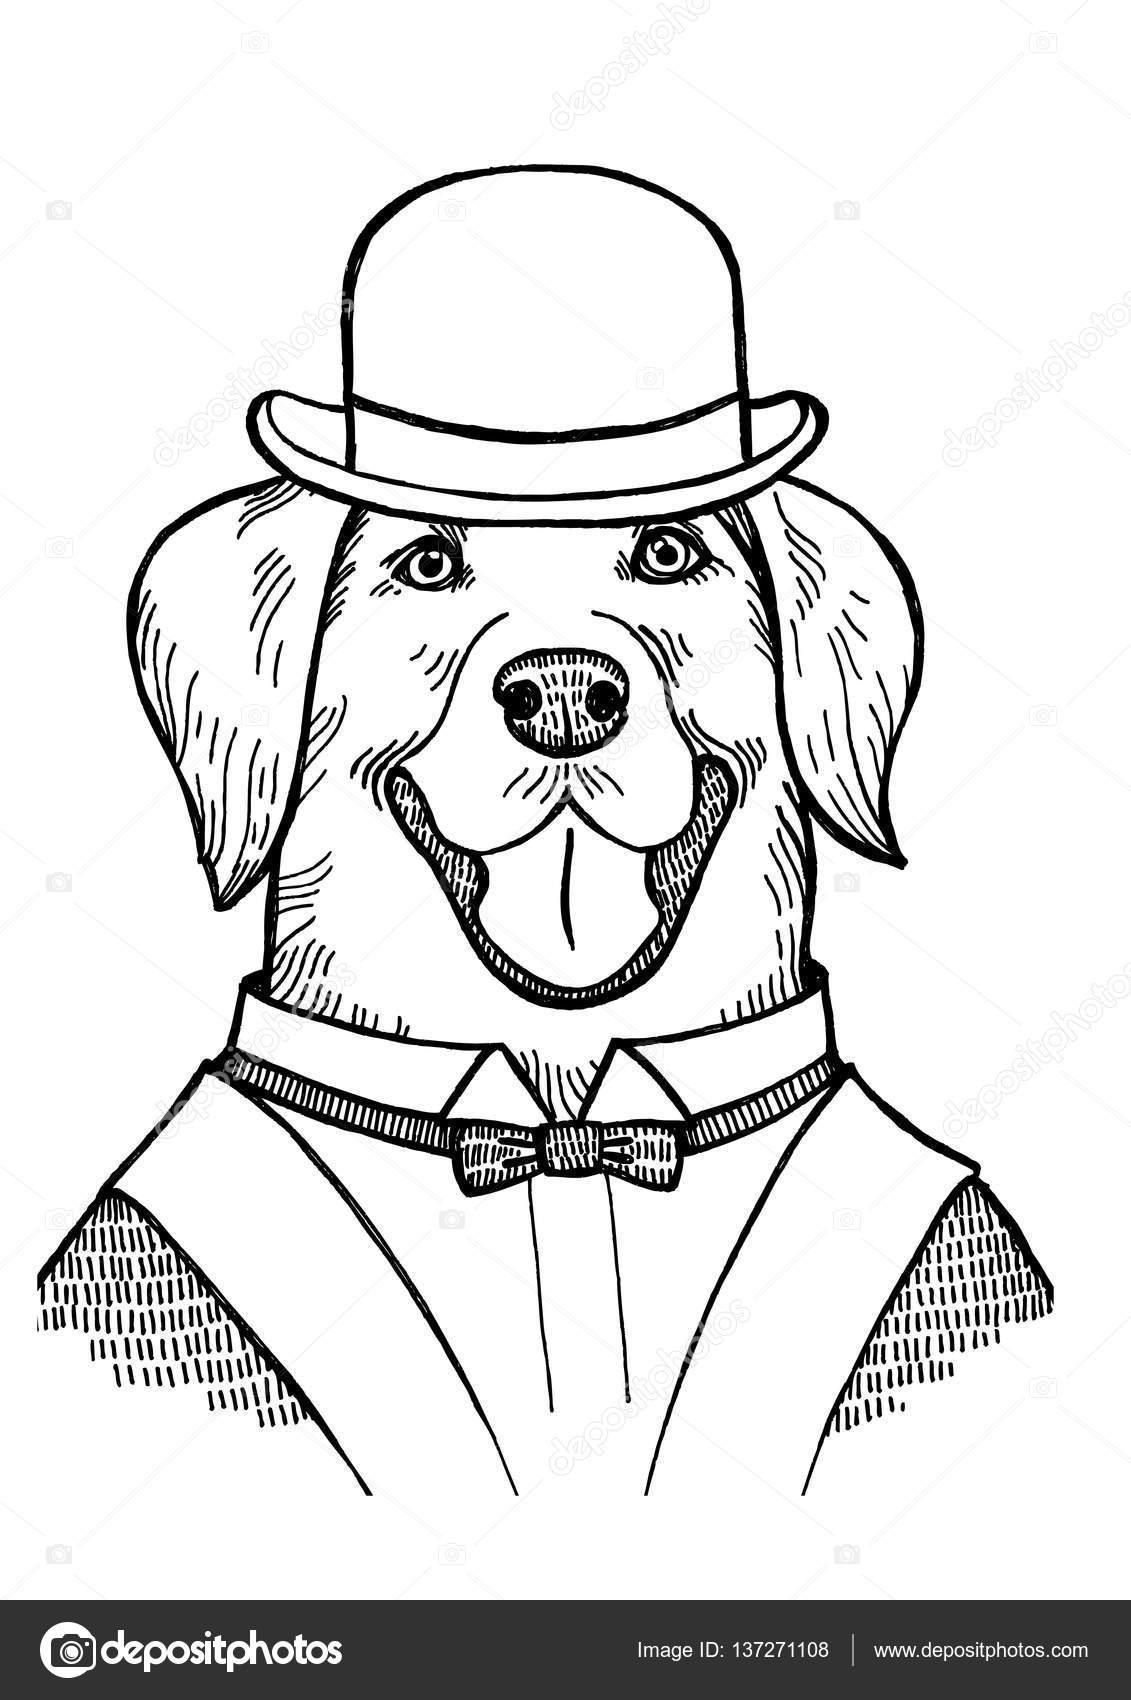 portret een labrador retriever met een bolhoed